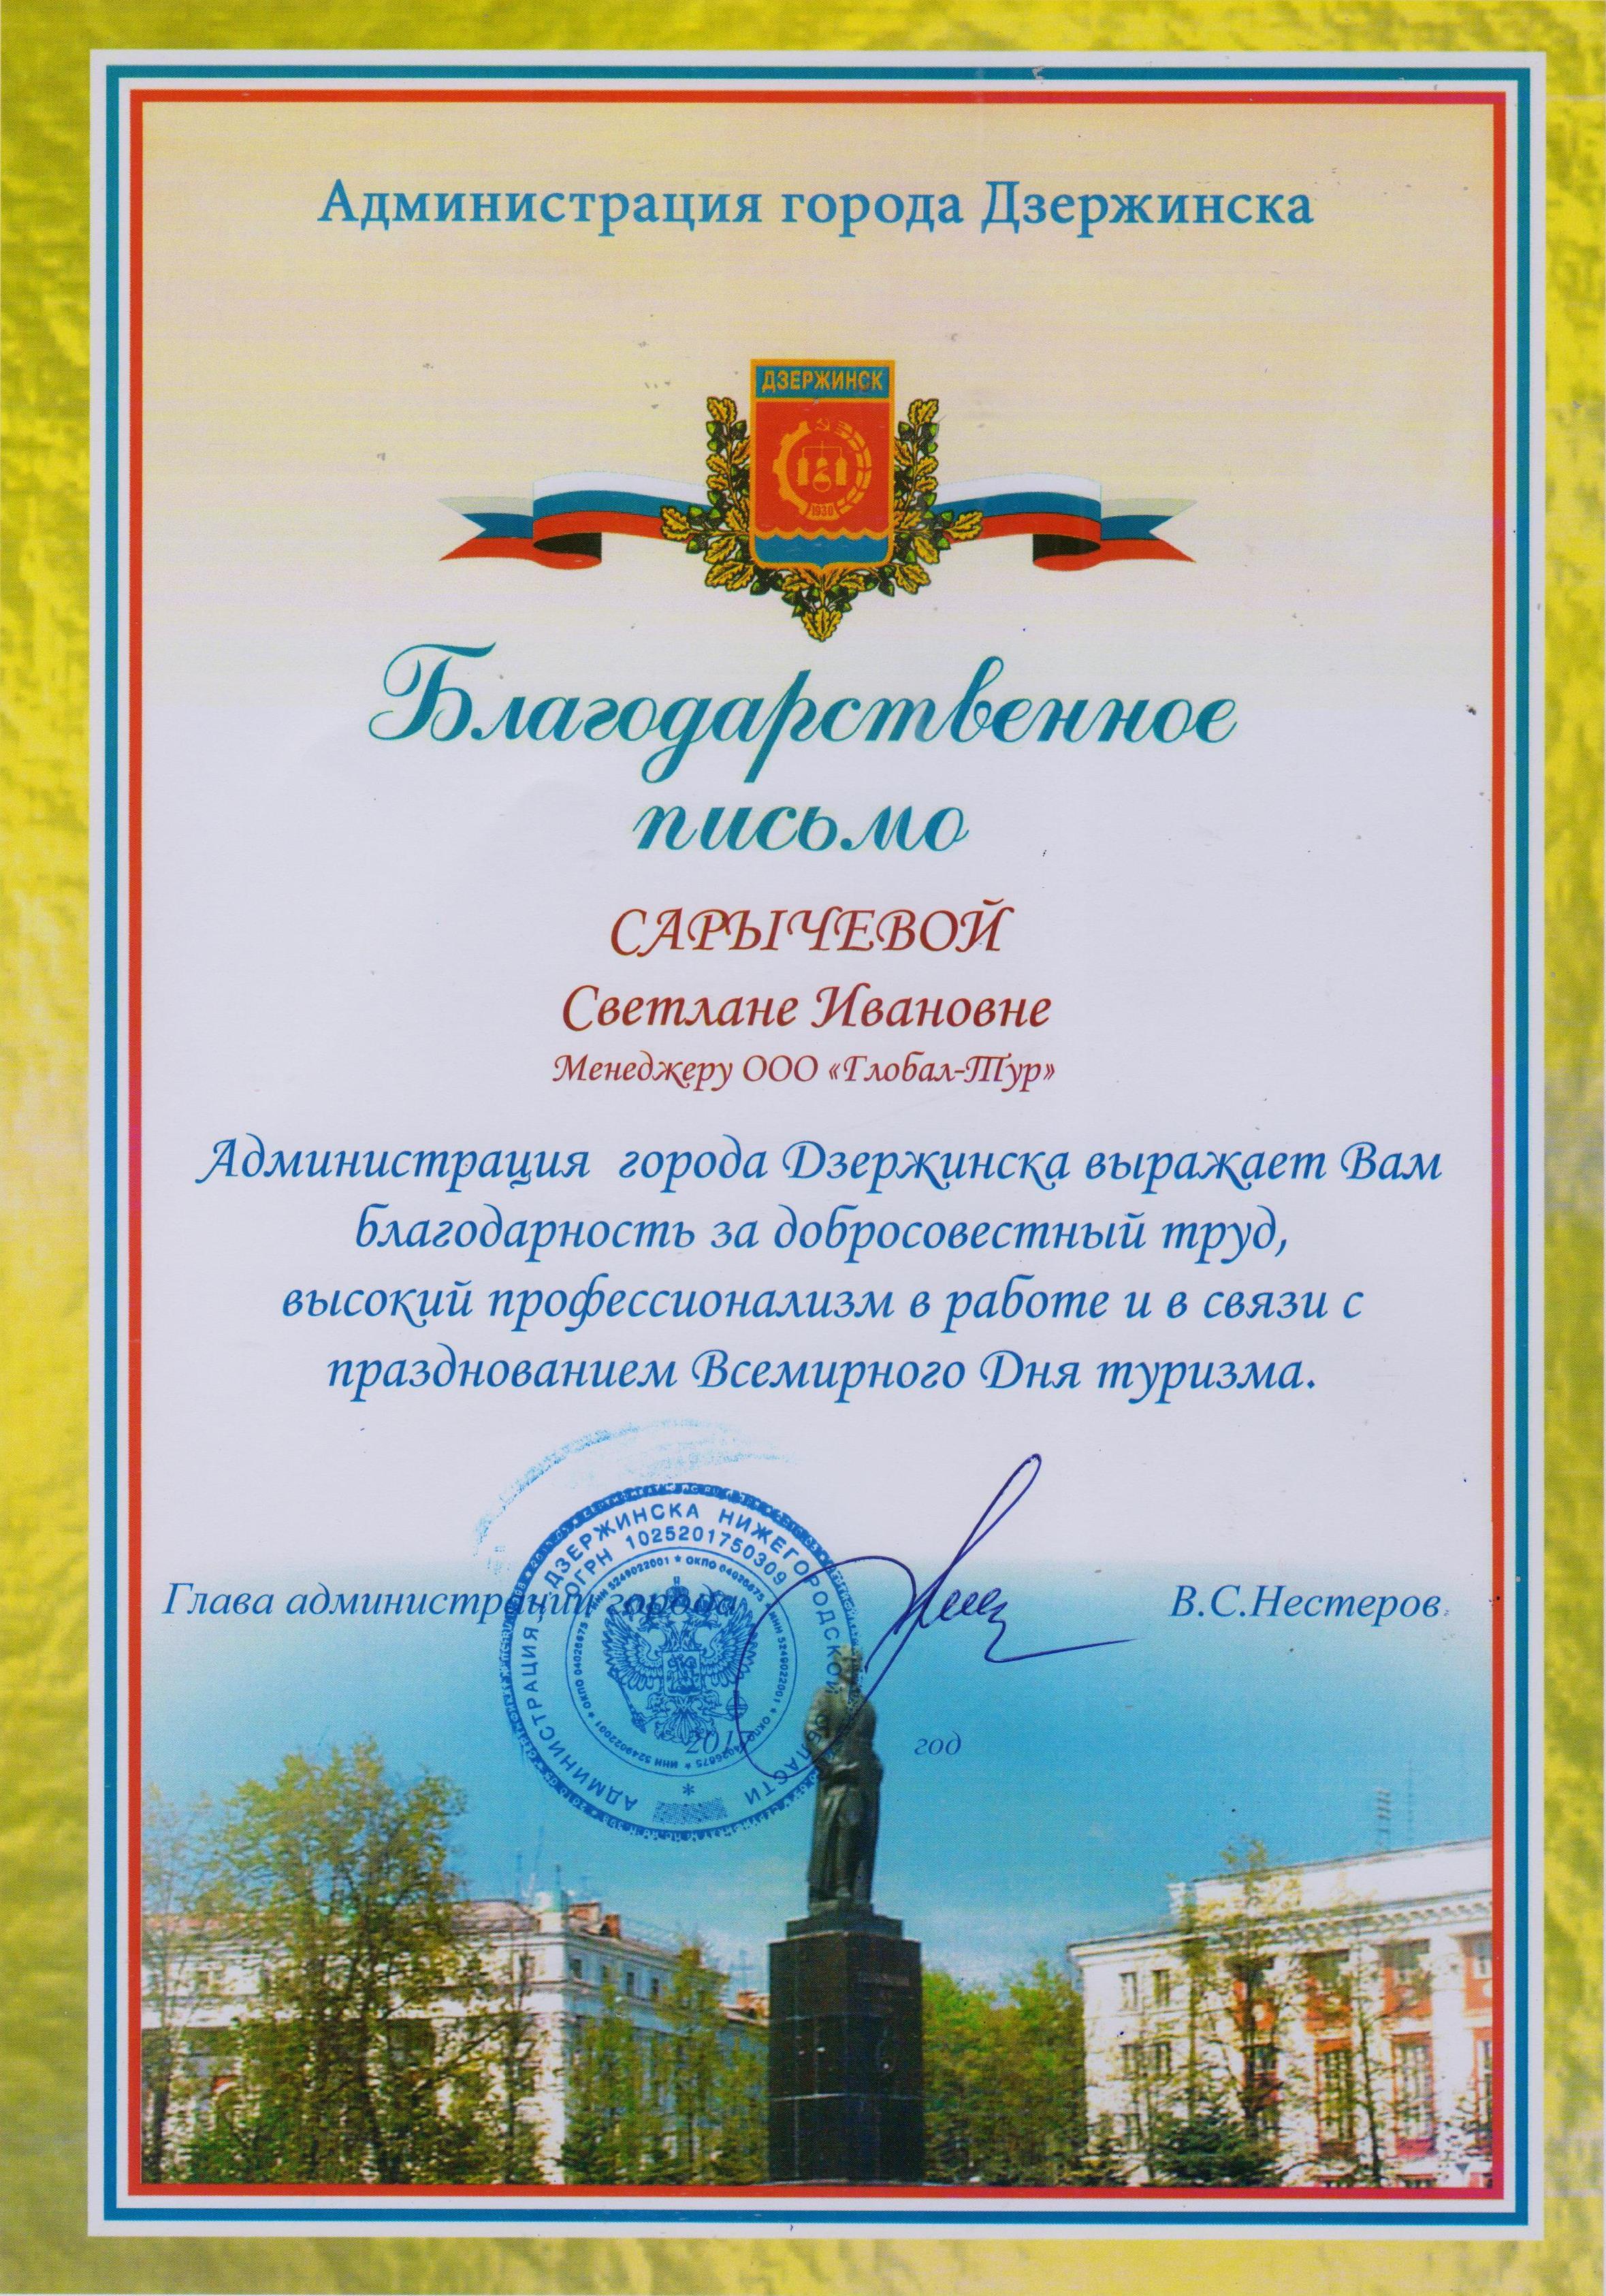 Бл.письмо Сарычевой С.И 001.jpg